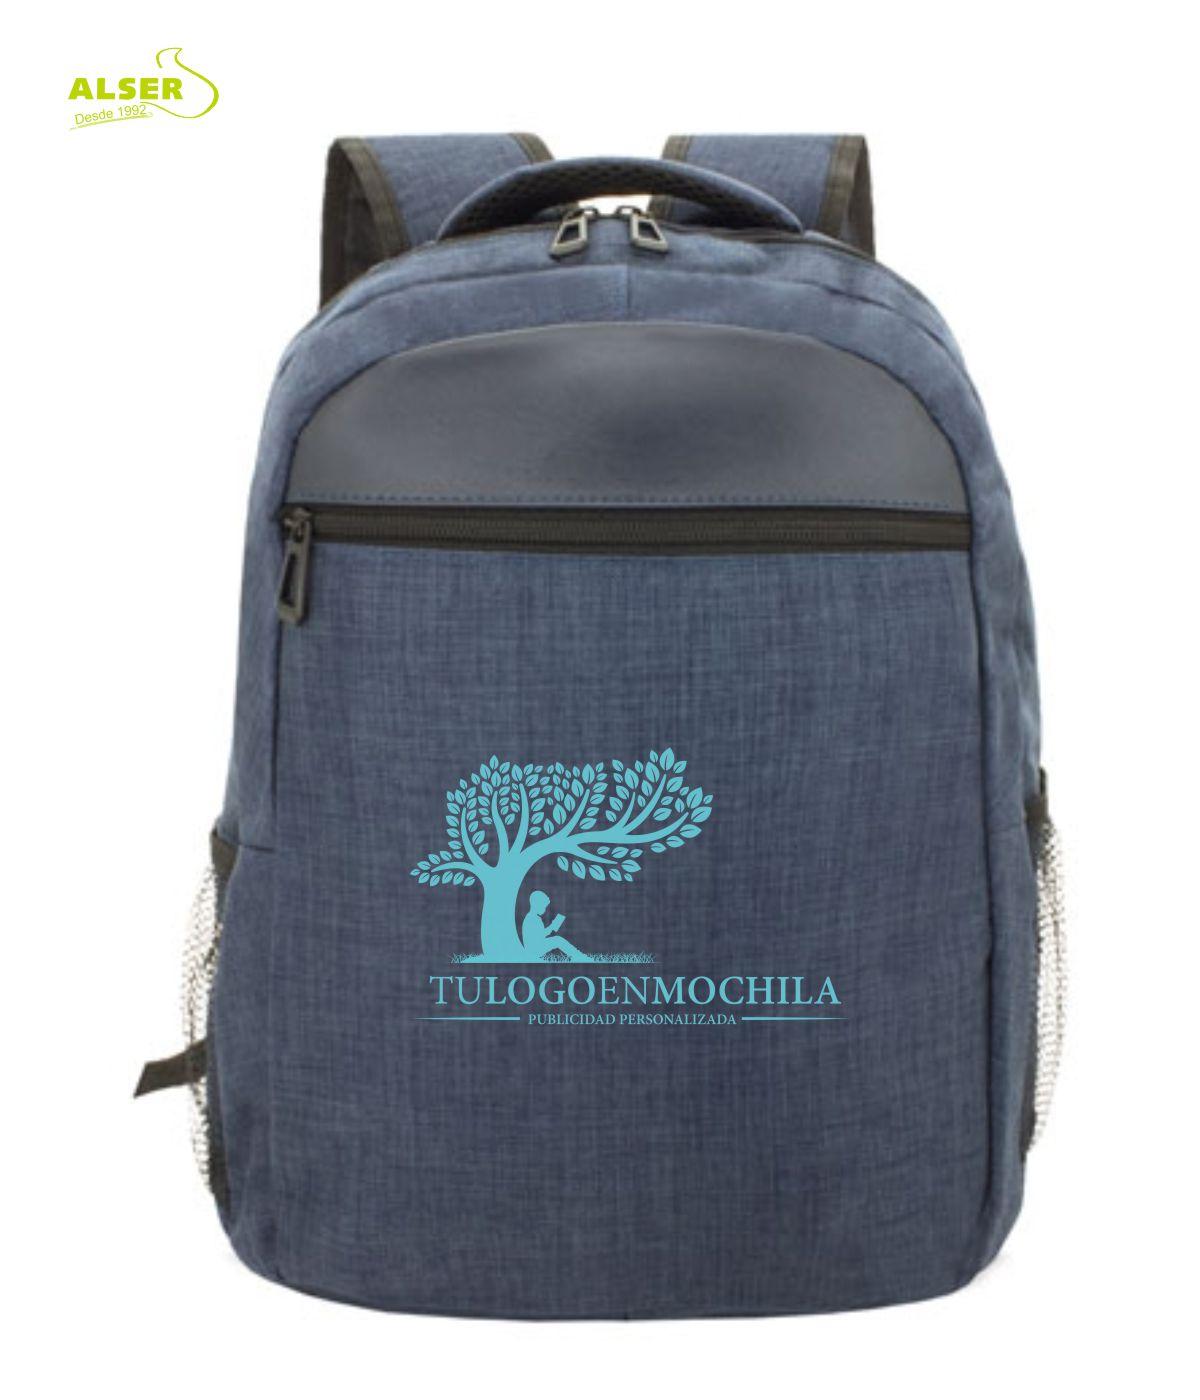 mochila para promocion personalizada con tu logo. Color azul